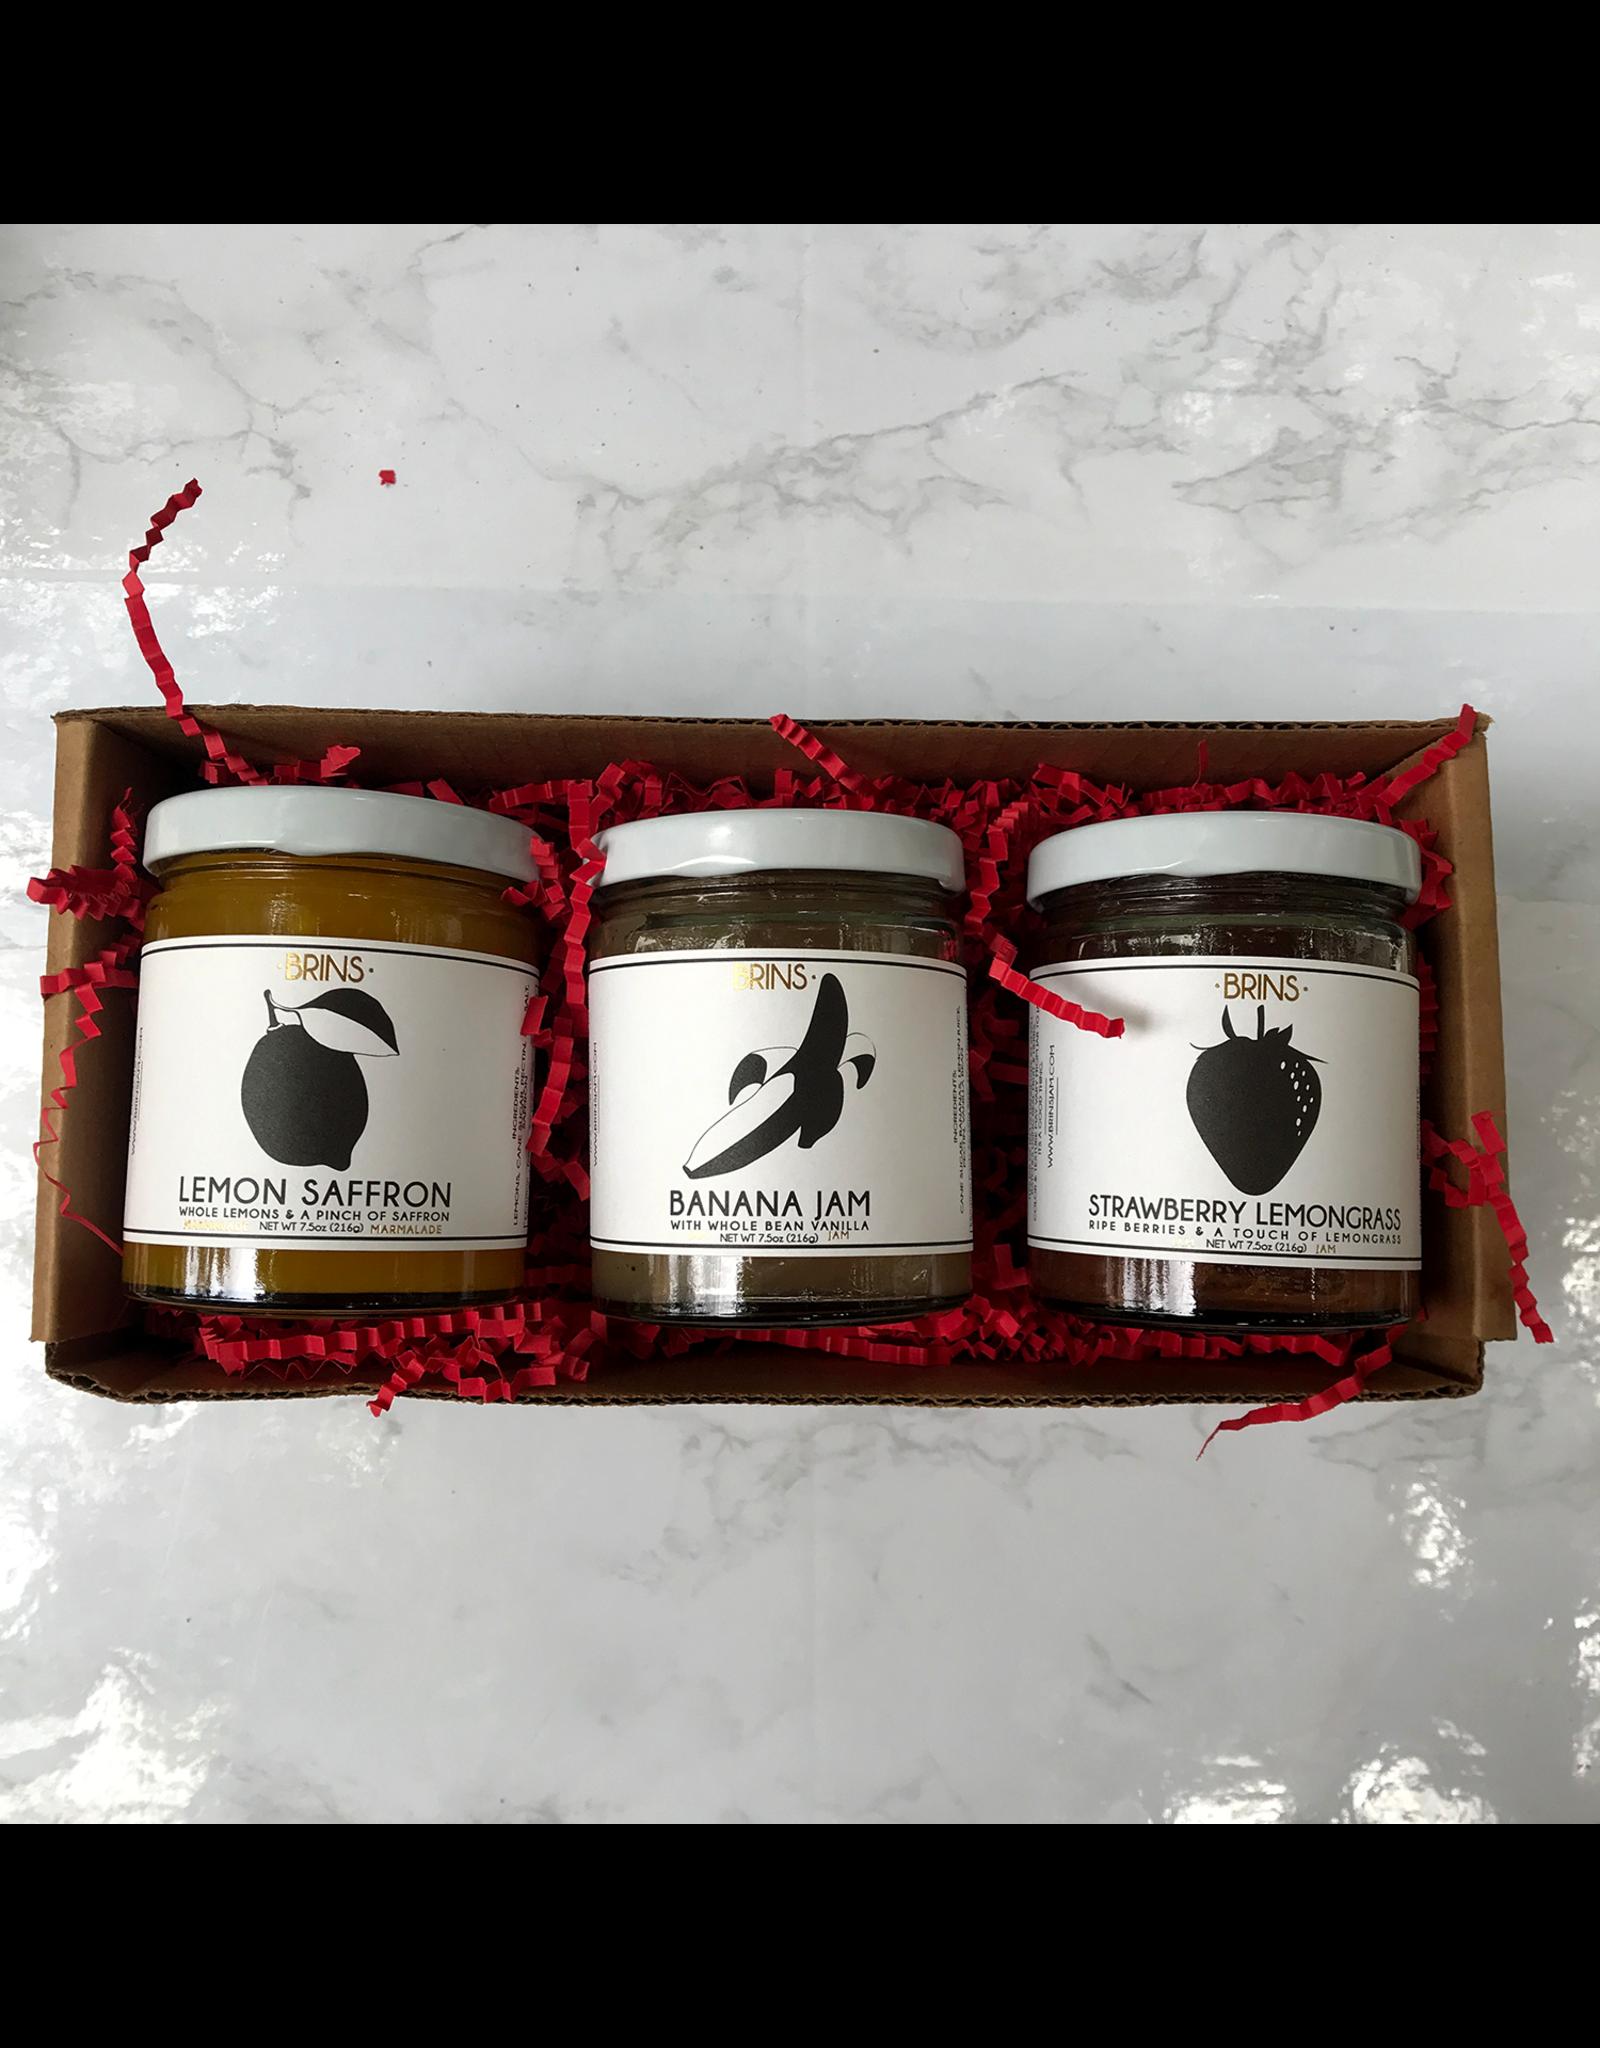 Exit9 Gift Emporium Brins Jam Trio Box